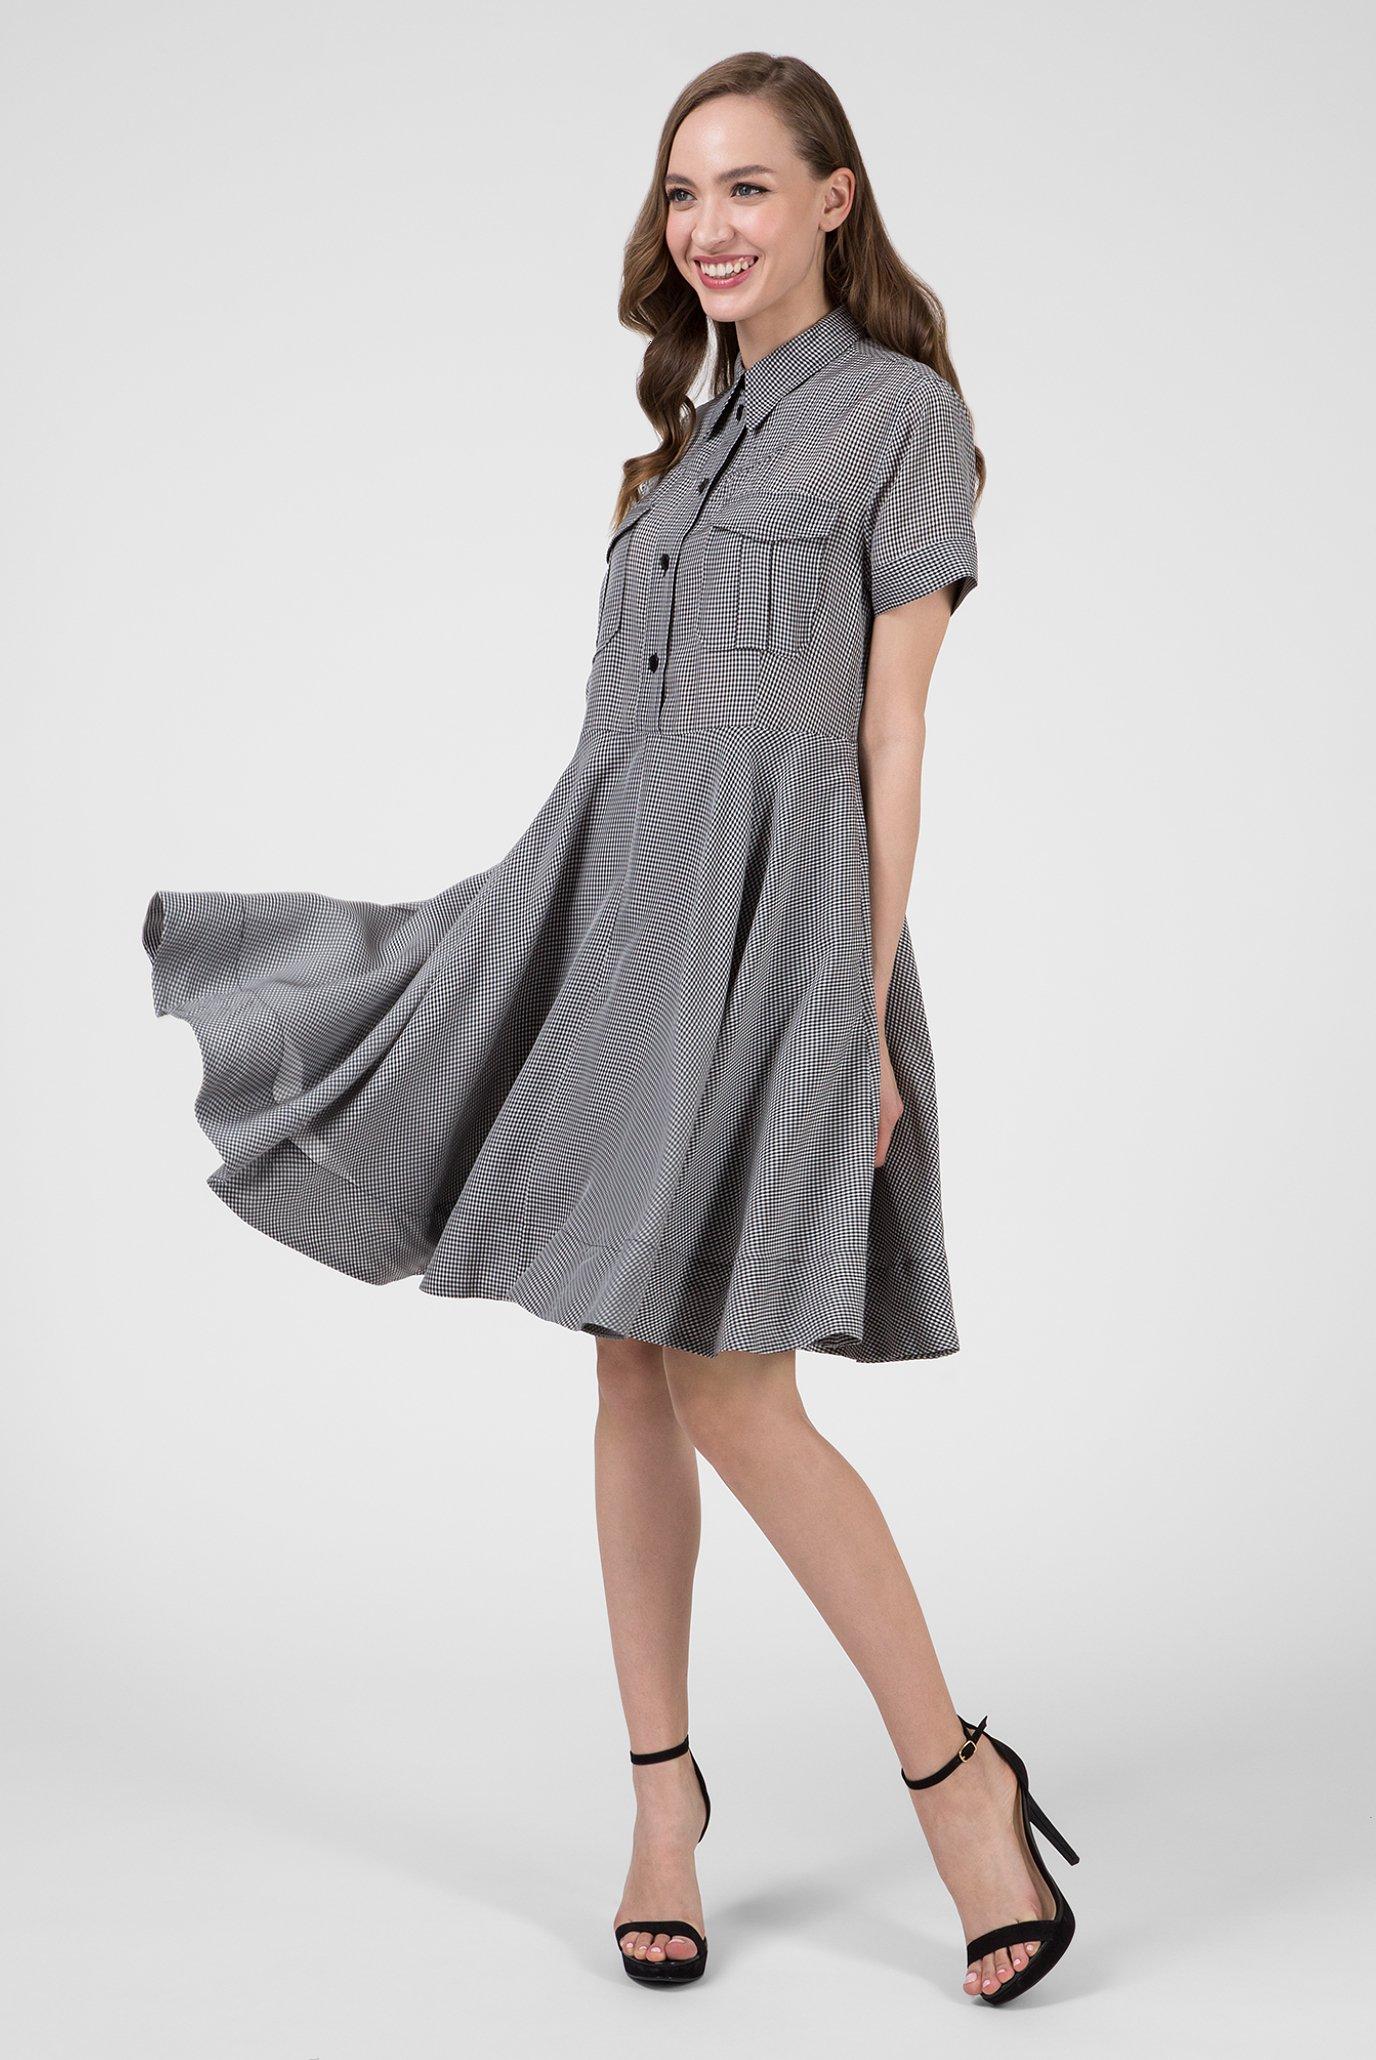 Купить Женское платье в клетку STRONG GINGHAM Calvin Klein Calvin Klein K20K200750 – Киев, Украина. Цены в интернет магазине MD Fashion